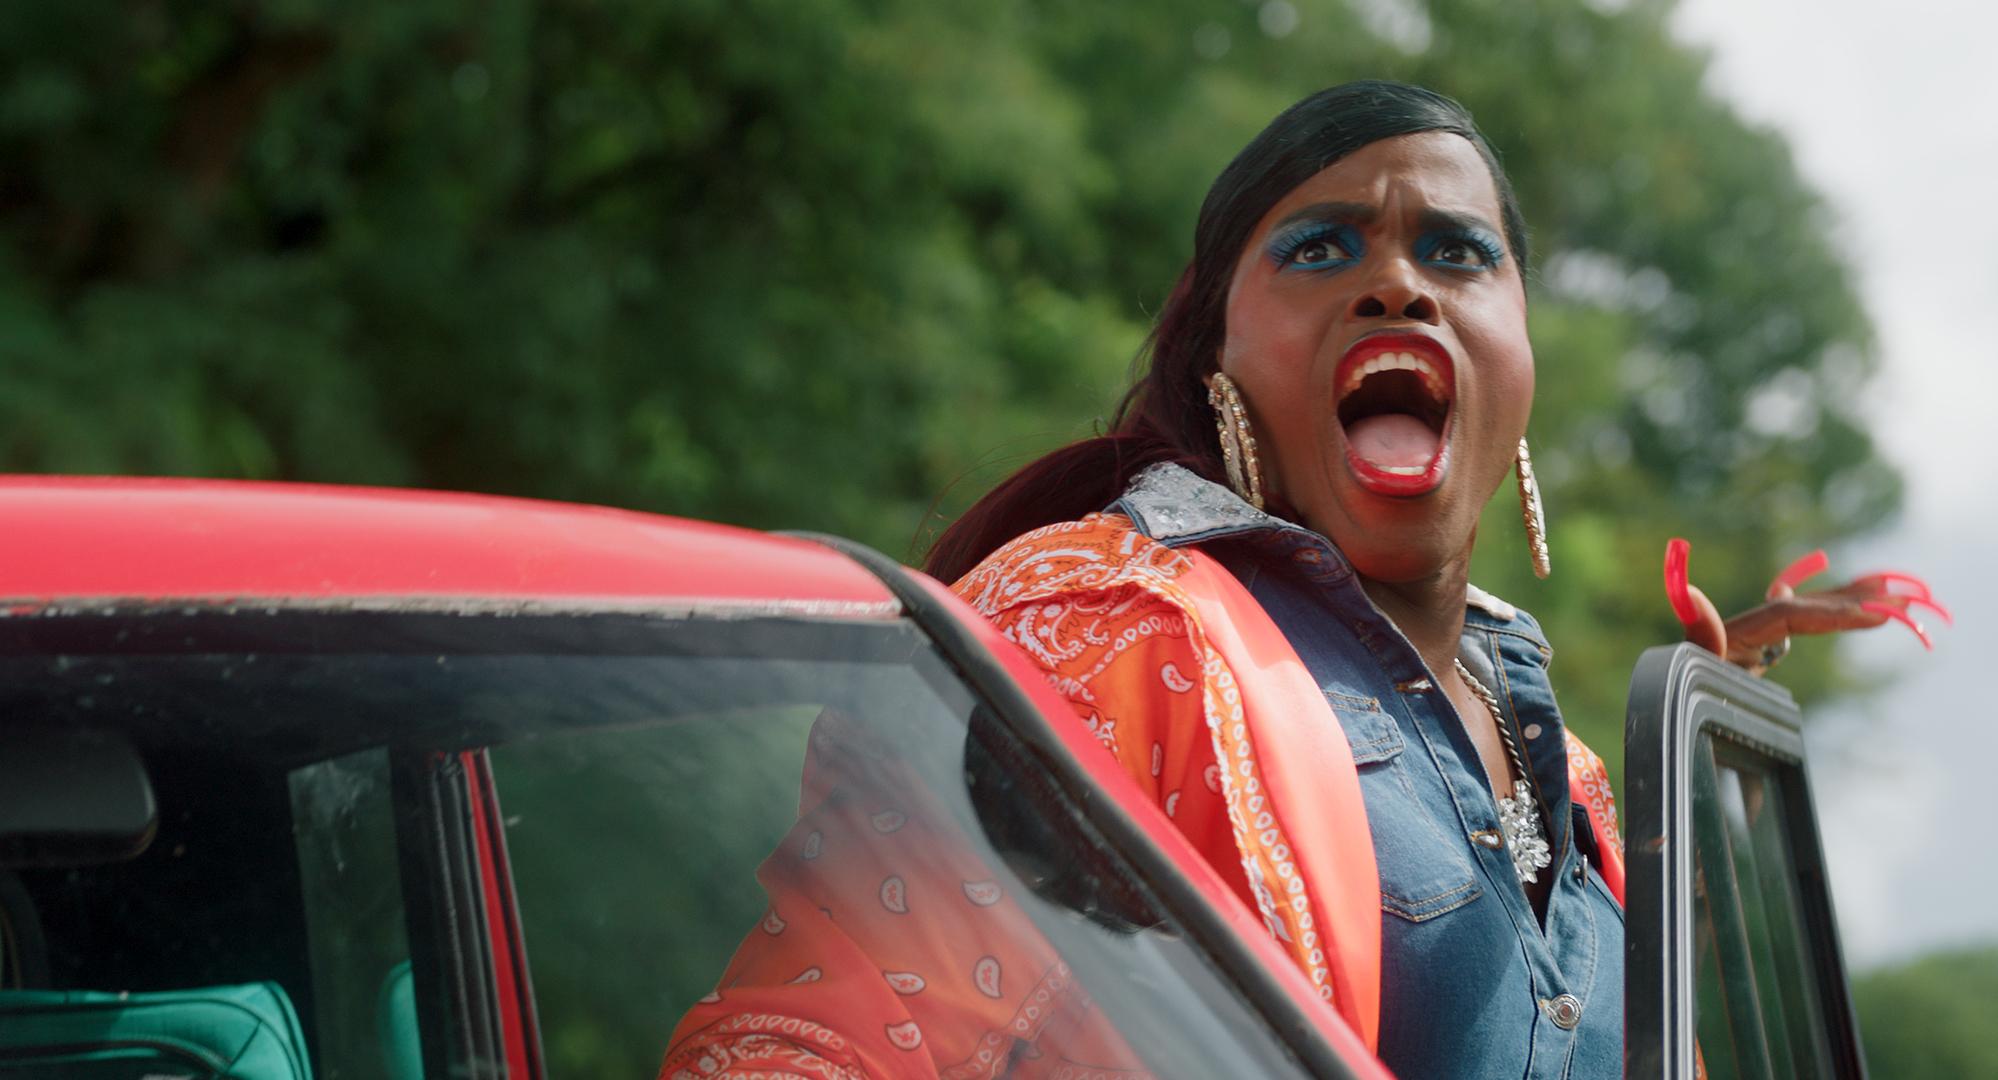 Judeska stapt met een verbaasde blik op haar opgemaakte gezicht uit de auto.